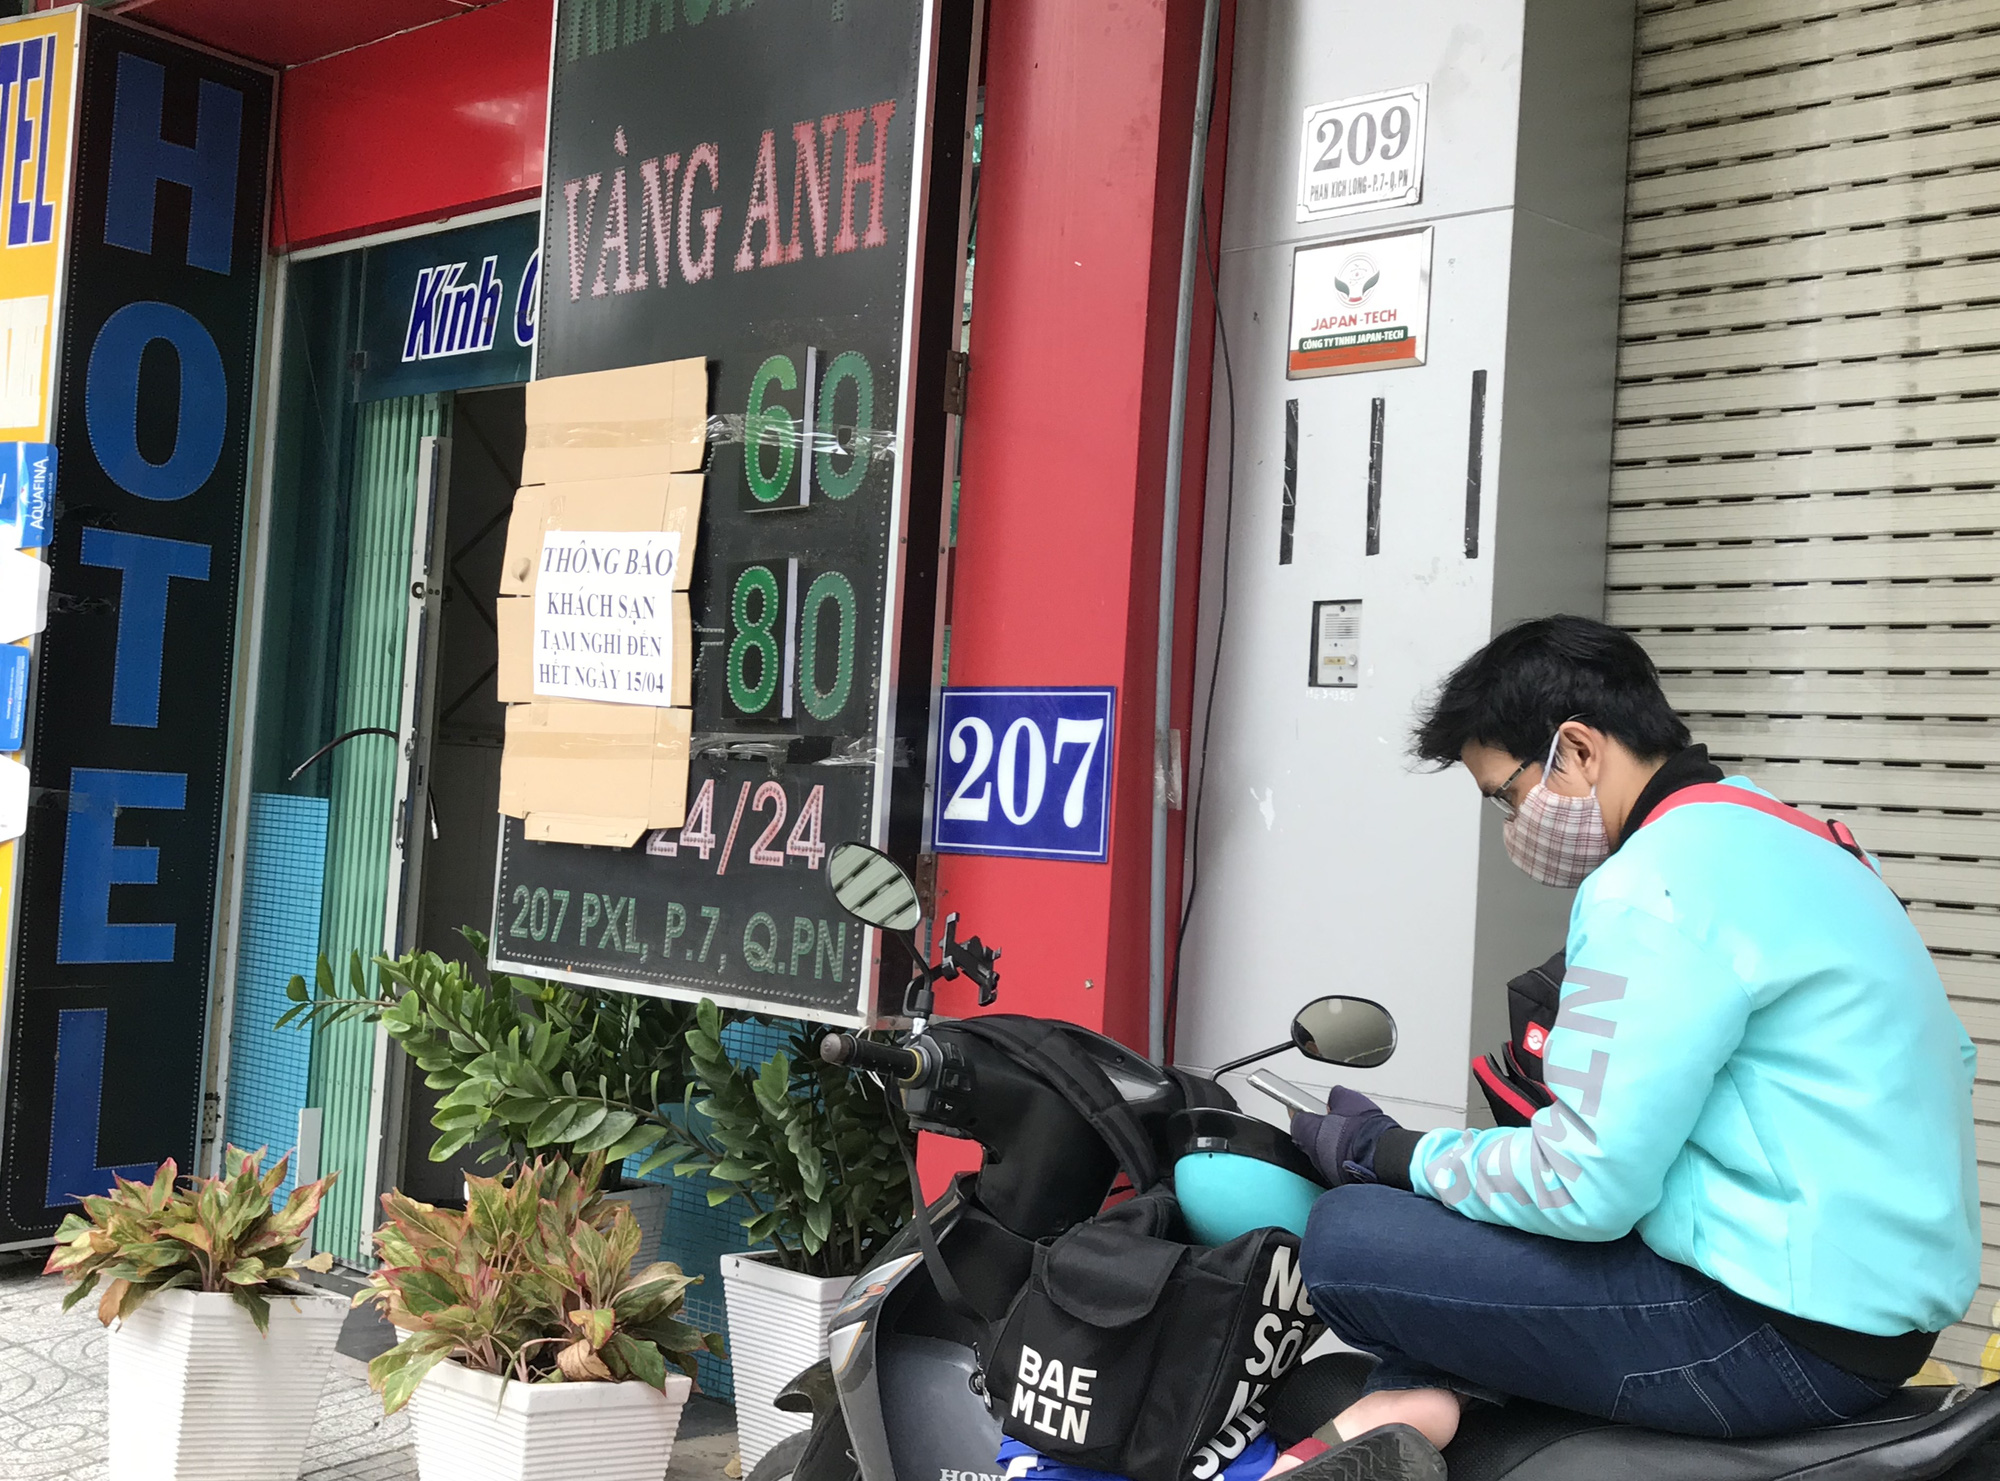 Cửa hàng, quán ăn Sài Gòn nín thở chờ lệnh cách li xã hội - Ảnh 6.